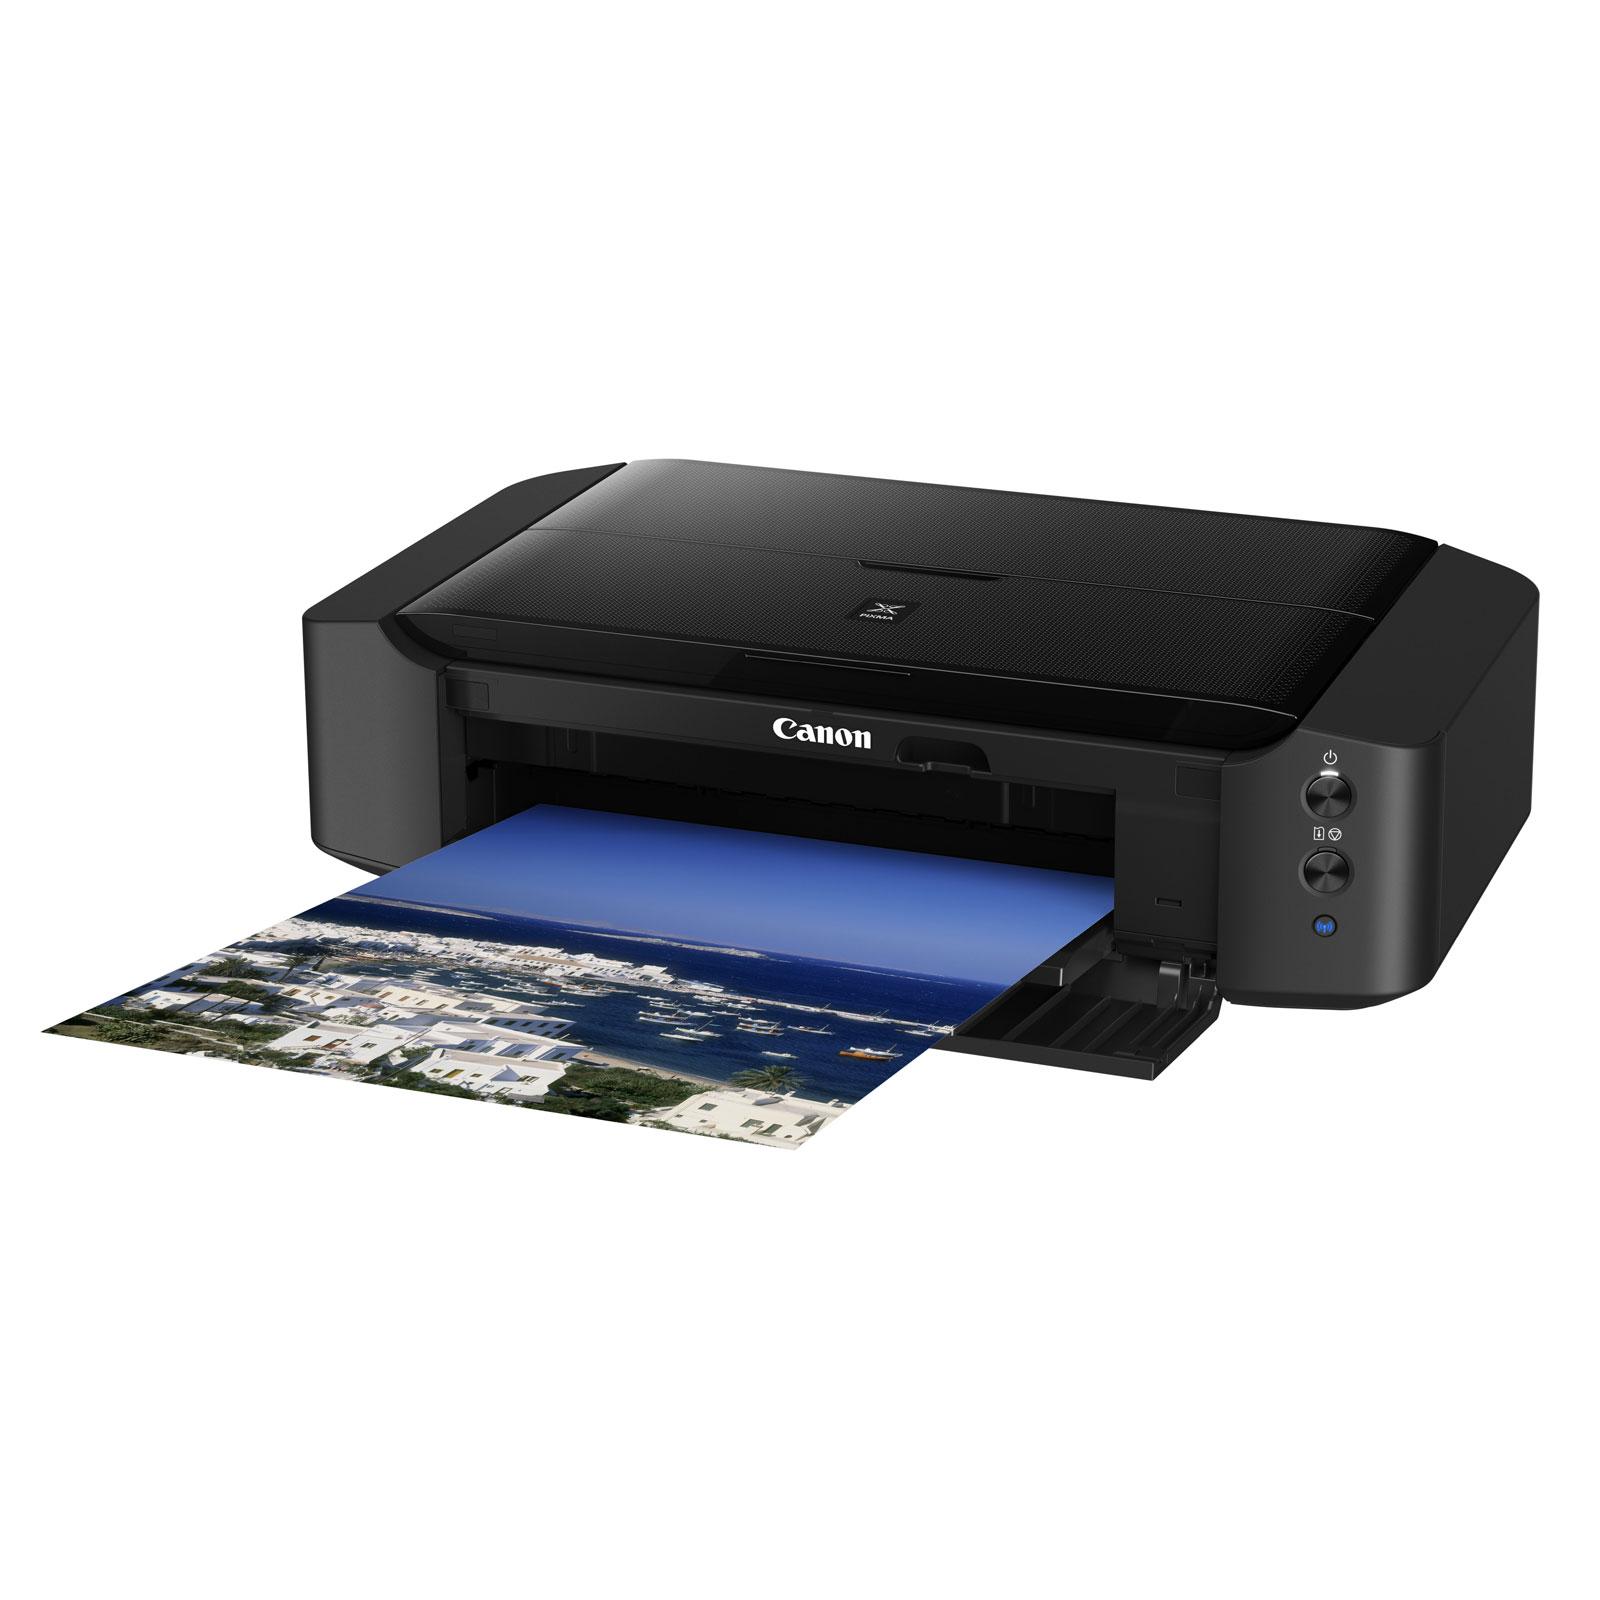 canon pixma ip8750 imprimante jet d 39 encre canon sur. Black Bedroom Furniture Sets. Home Design Ideas